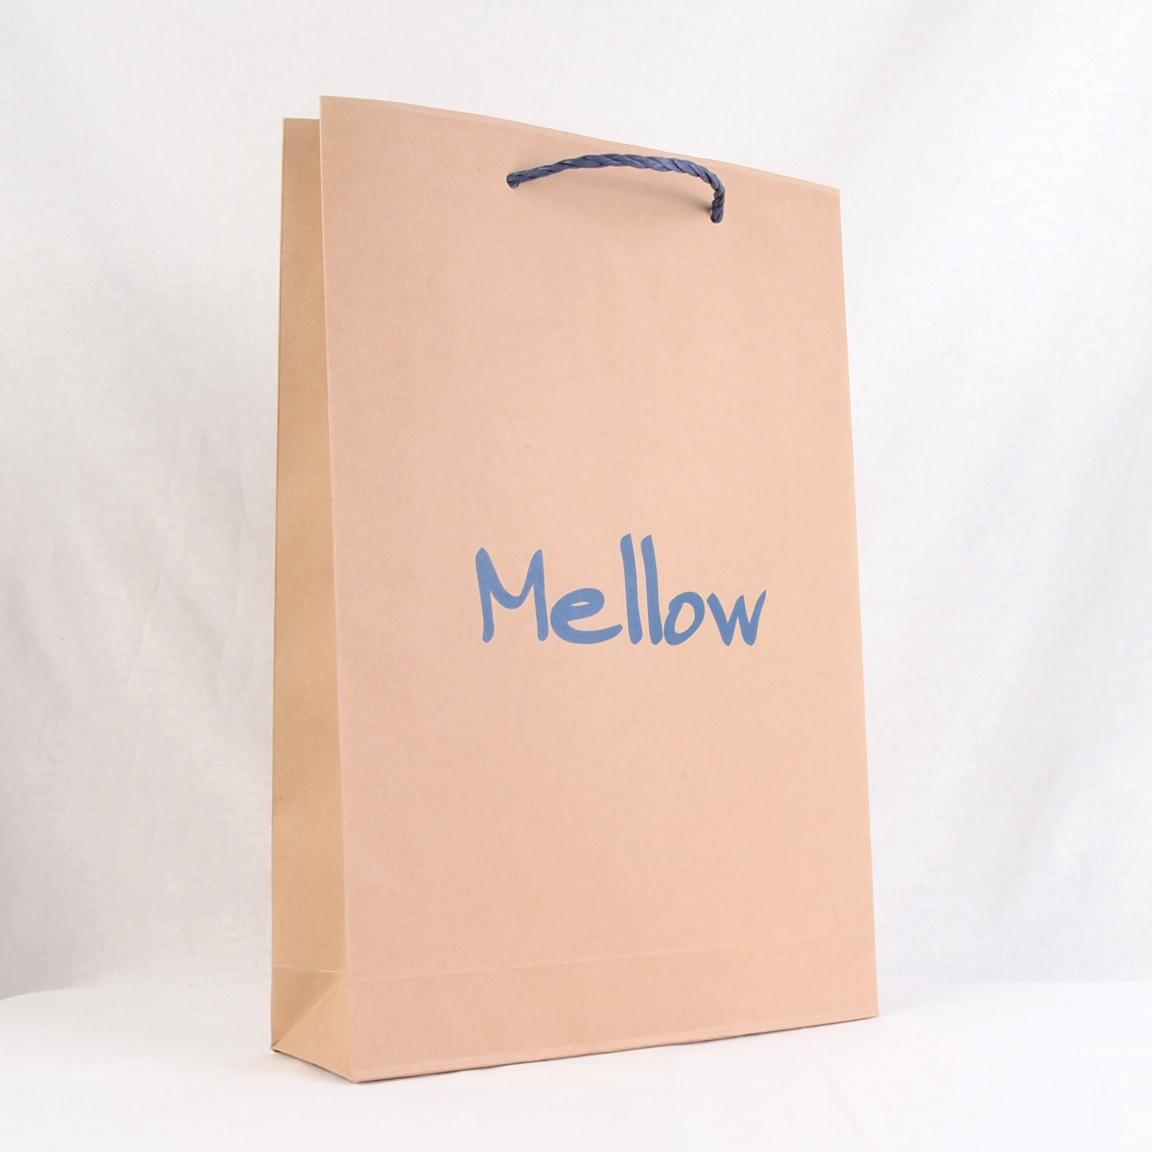 茶色クラフト紙の紙袋サンプル2